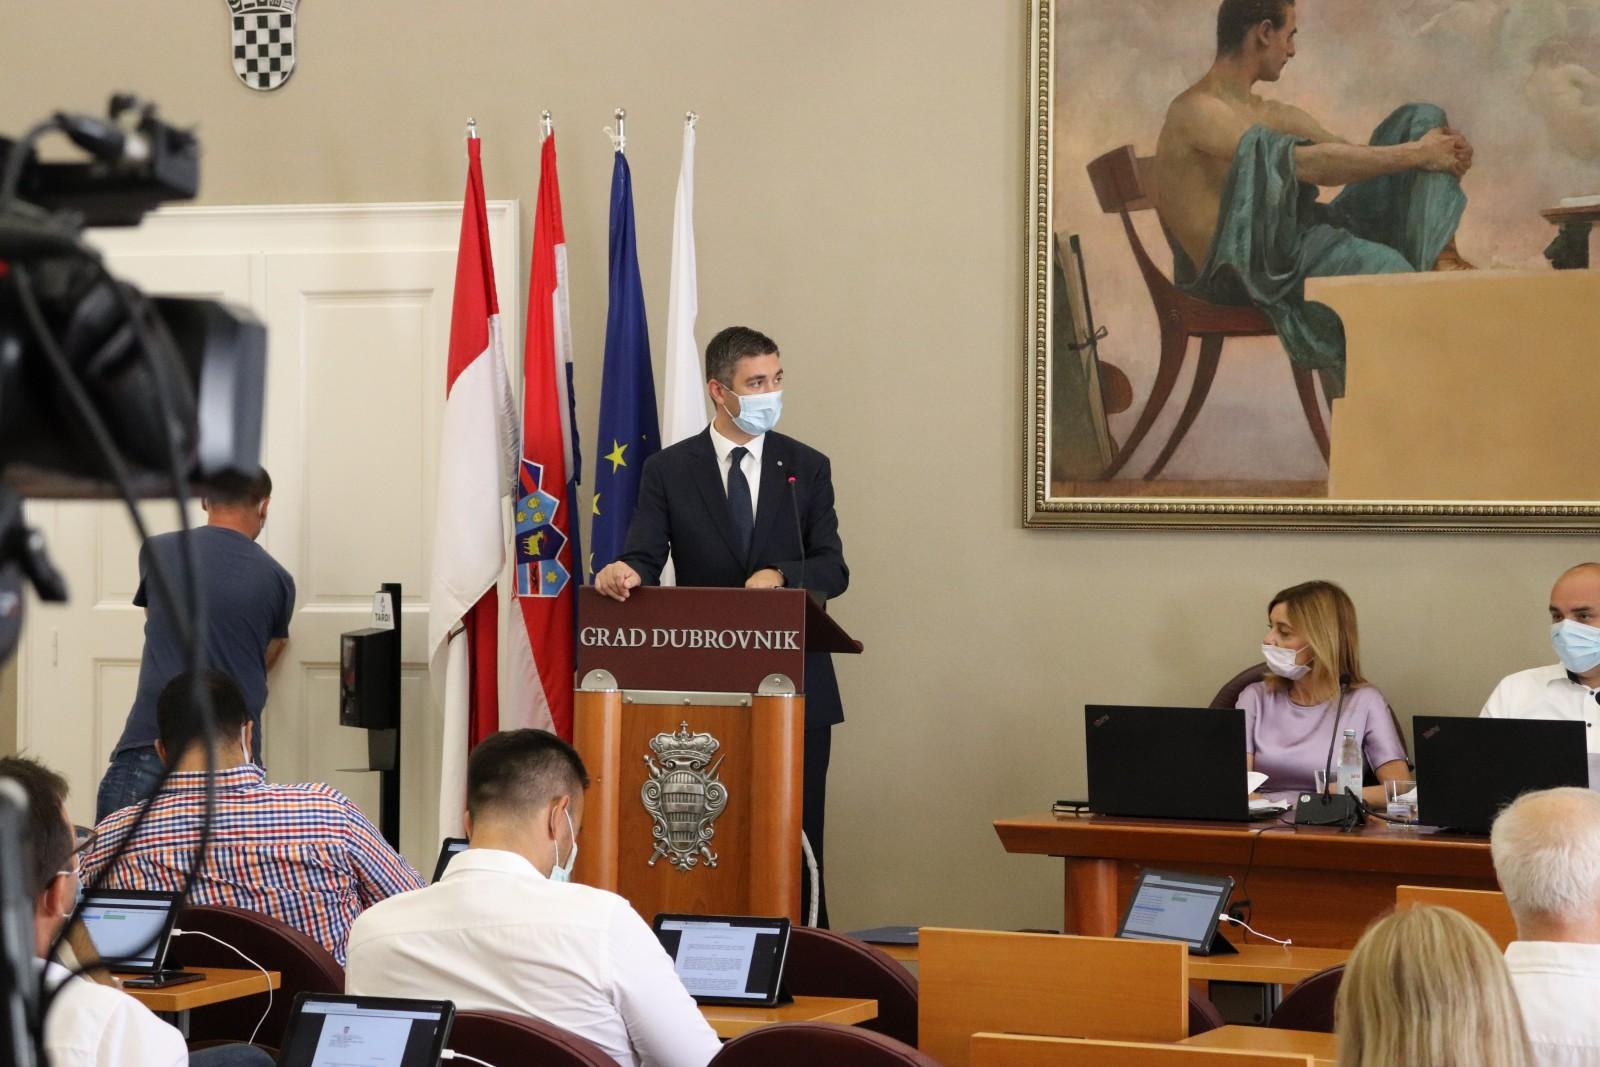 Grad Dubrovnik zakupcima poslovnih prostora i javnih površina kroz smanjenje fakturiranih usluga samo u srpnju pomogao s iznosom od gotovo 4 milijuna kuna